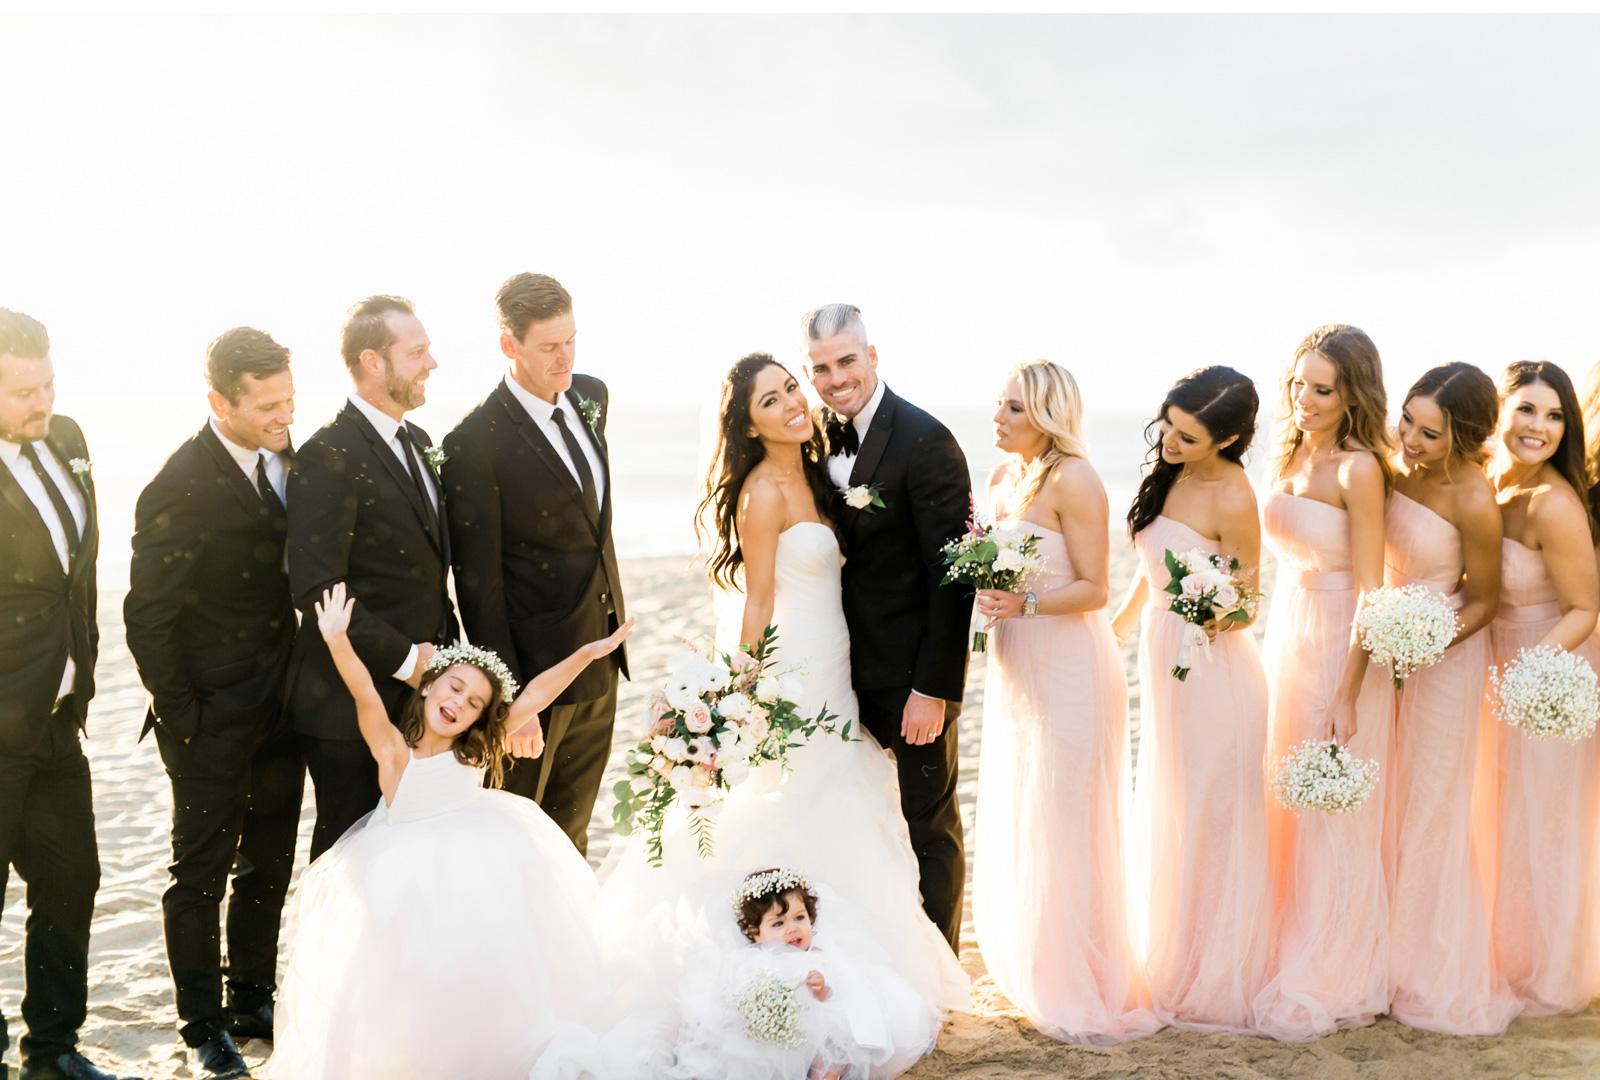 Southern-California-Fine-Art-Wedding-Photographer-Natalie-Schutt-Photography_13.jpg